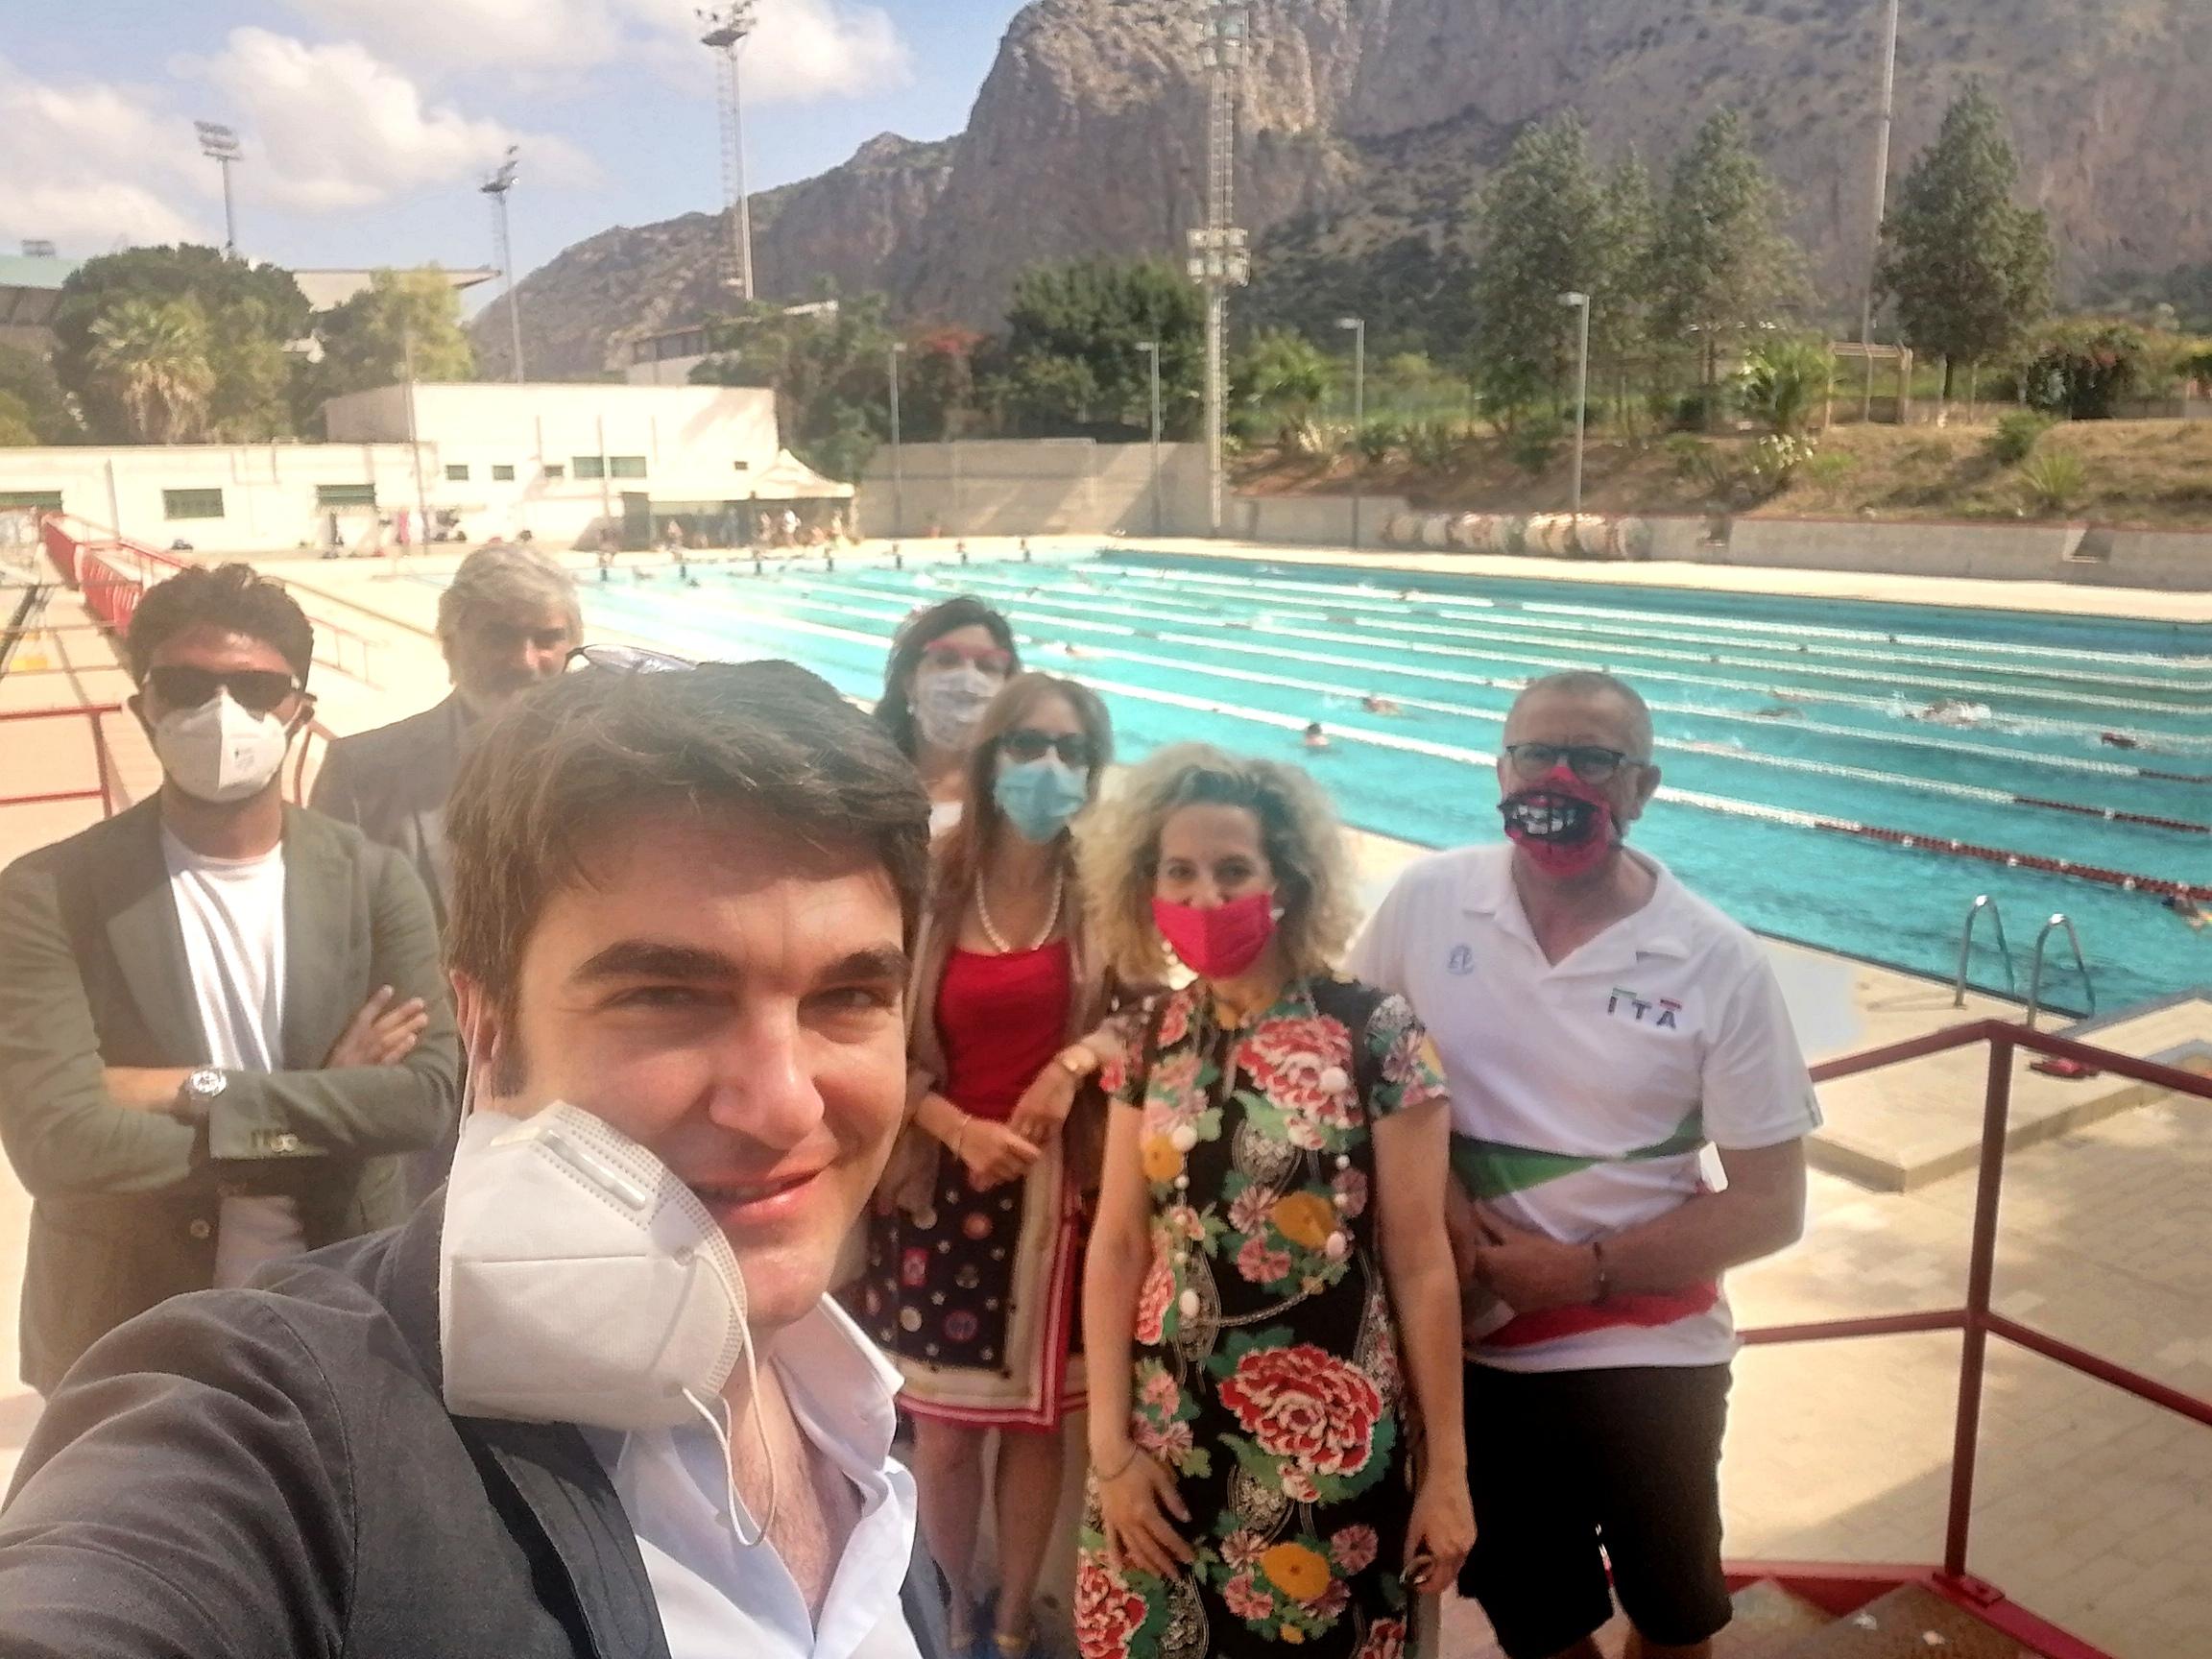 Impianti sportivi: sopralluogo della V Commissione Consiliare e dell'assessore allo Sport alla Piscina Olimpica e allo Stadio delle Palme